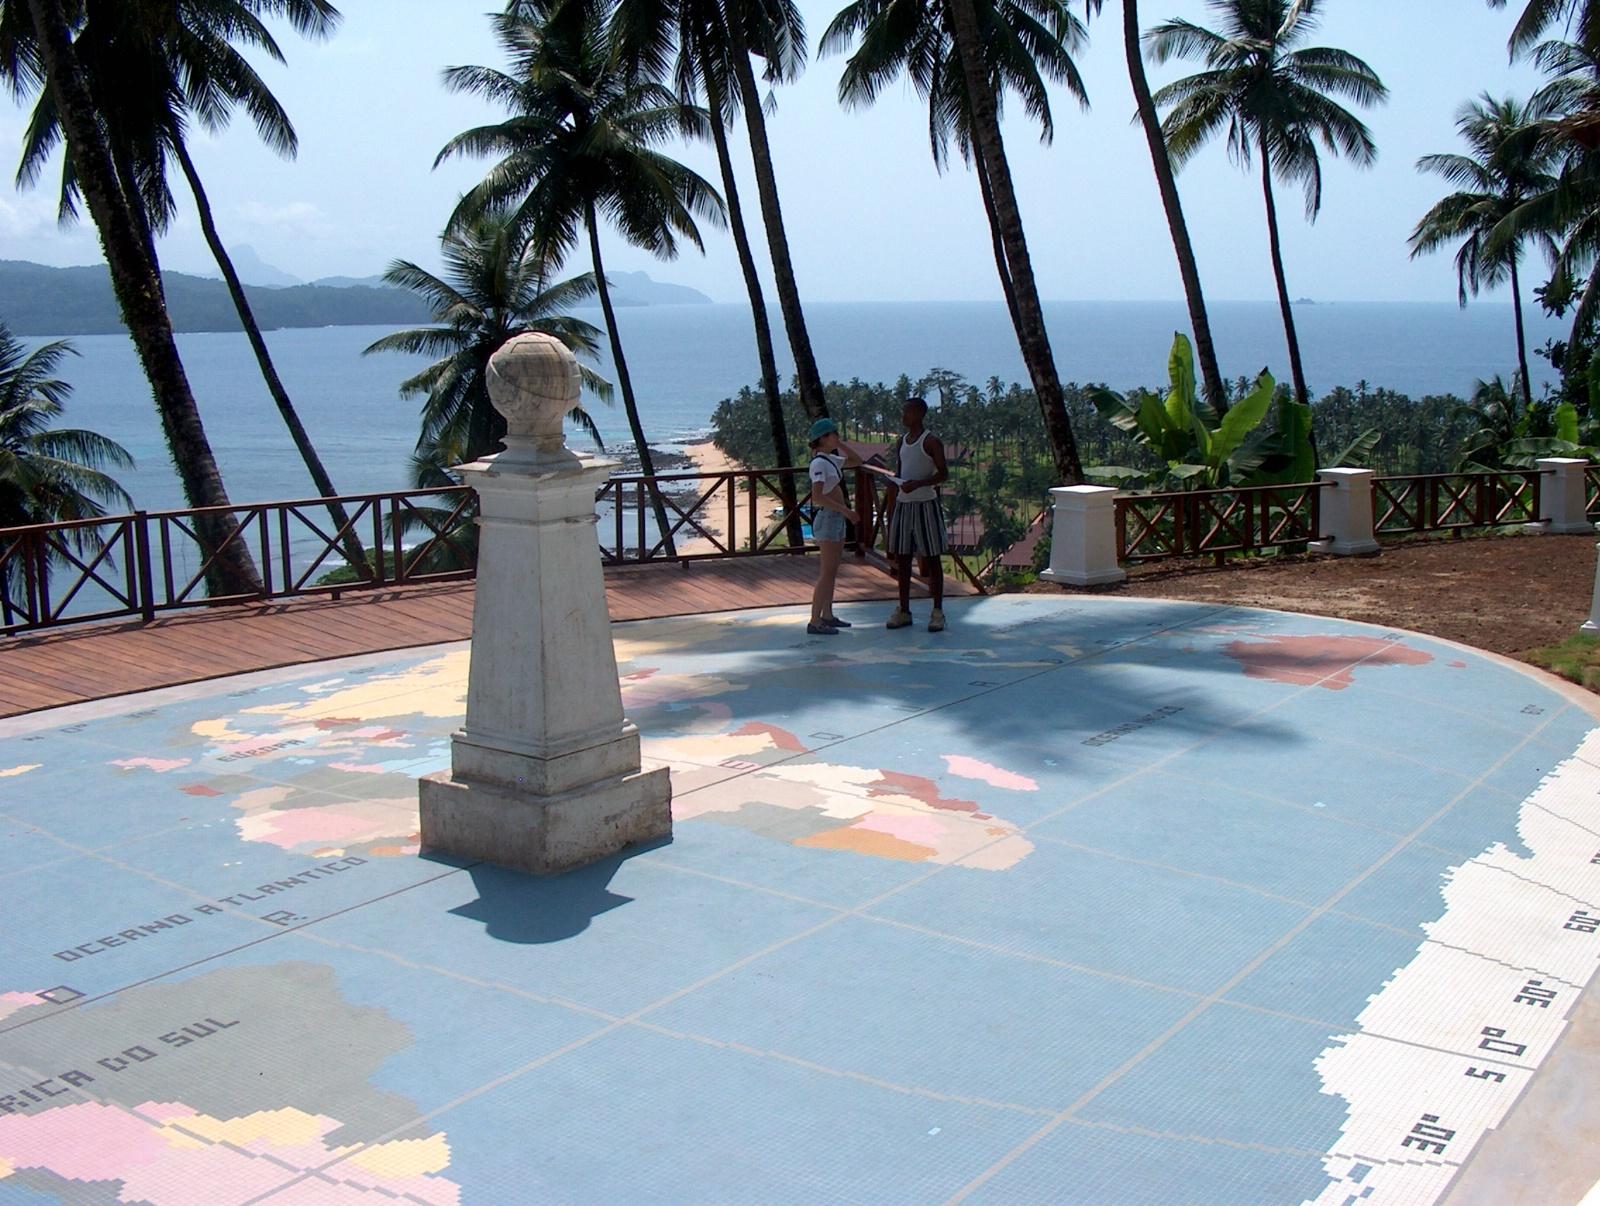 På øya rolas på sao tome går ekvatorlinjen - et yndet utfartsted